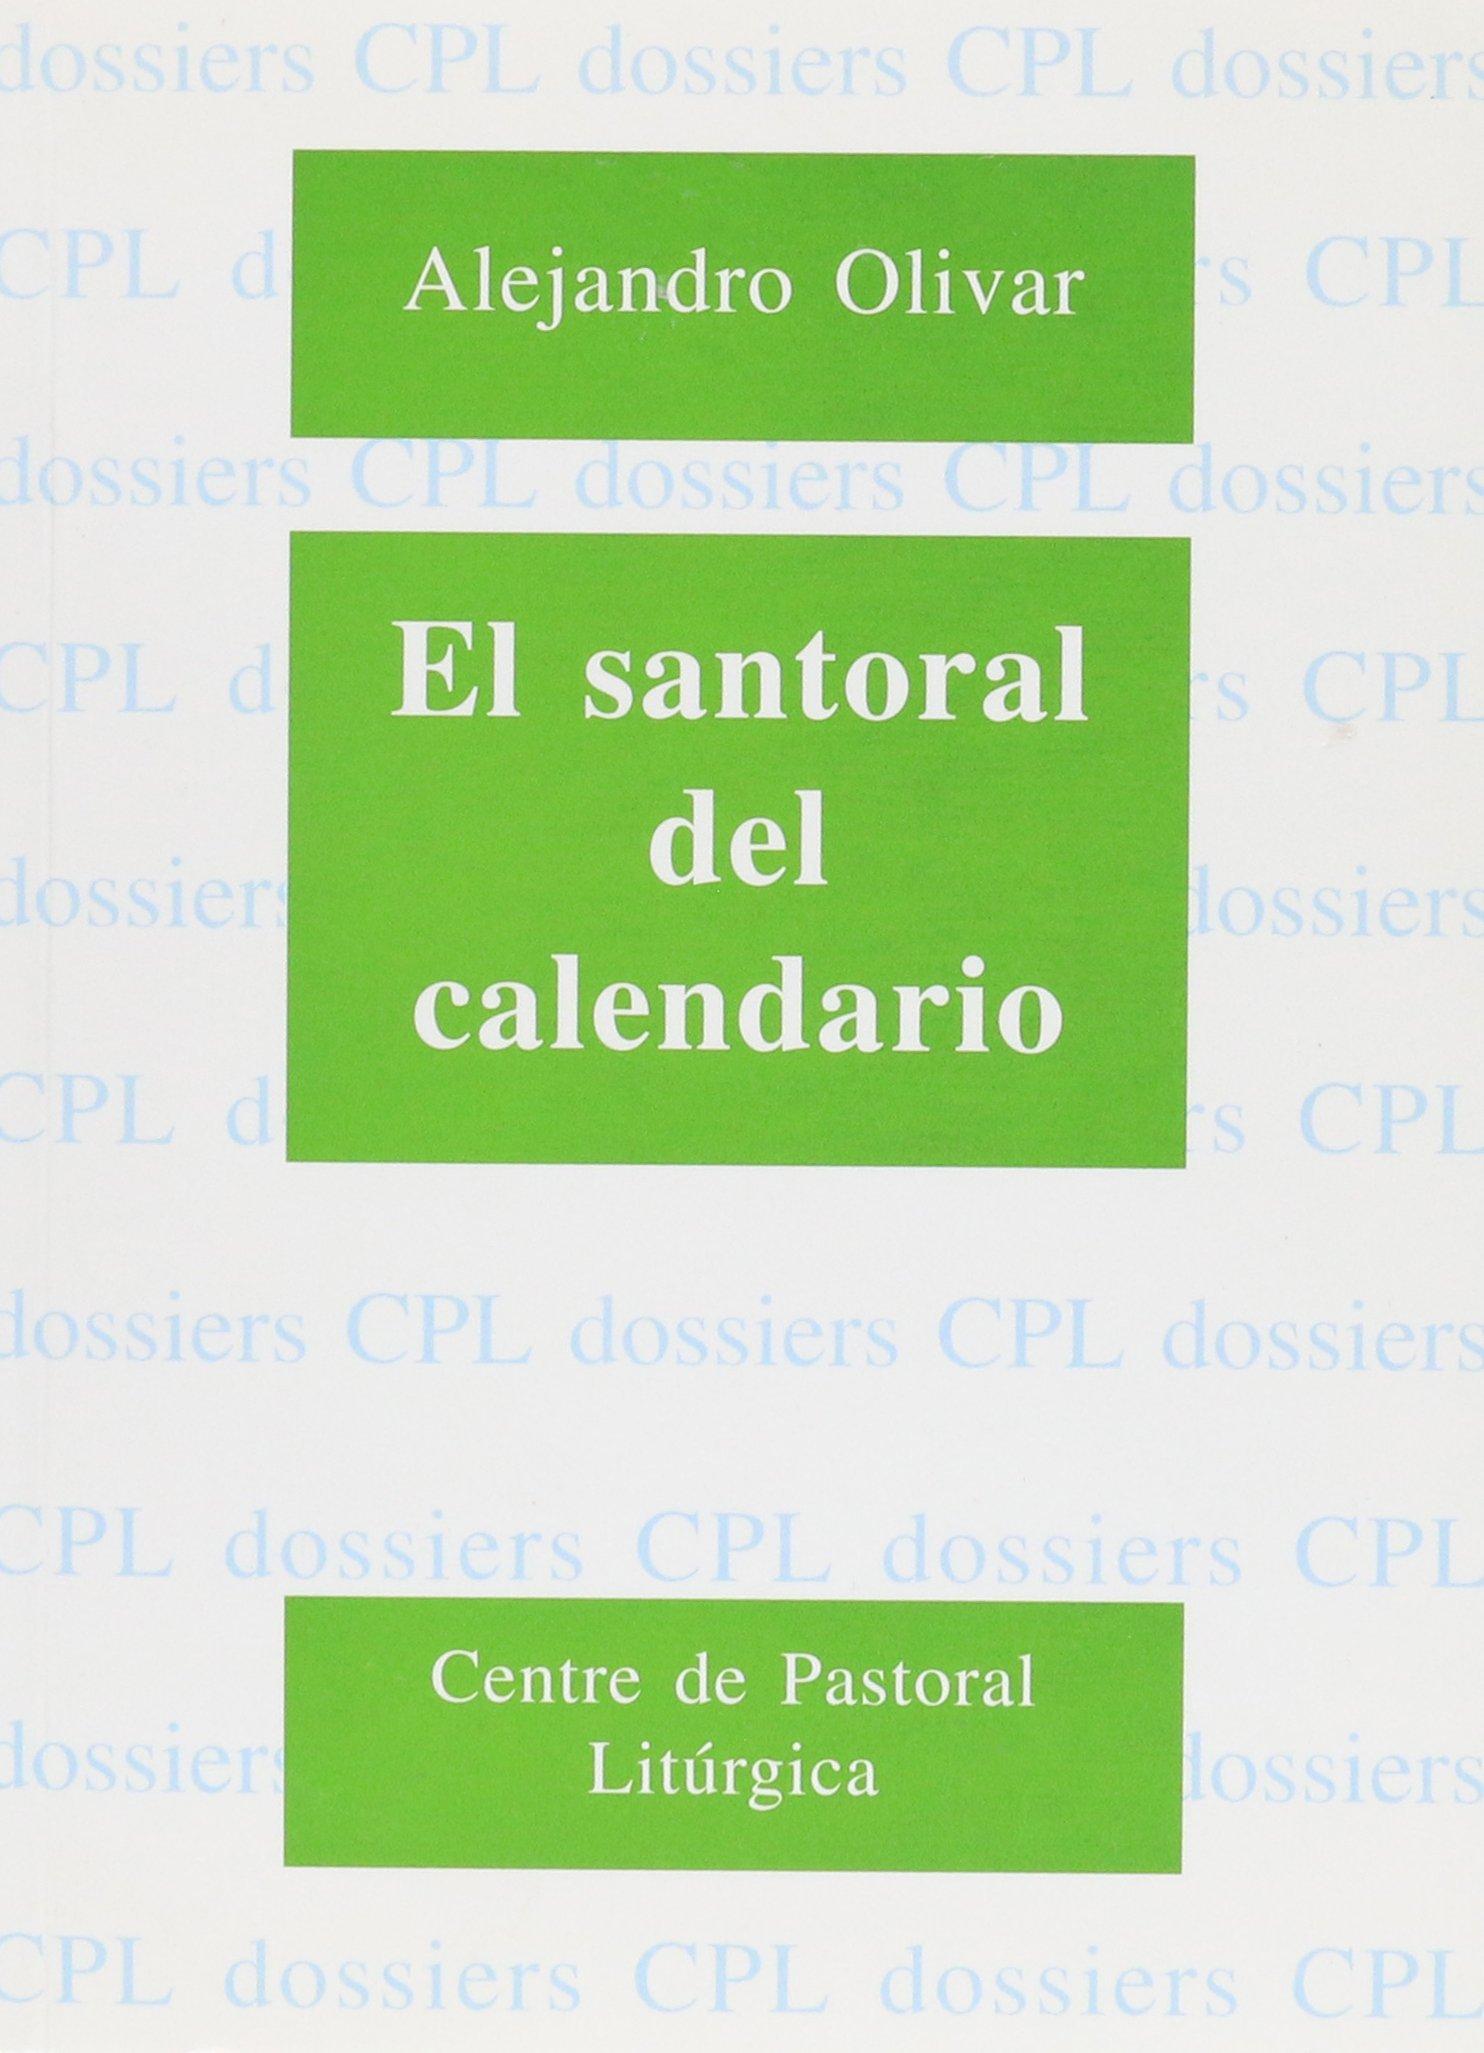 Calendario Santoral.Santoral Del Calendario El Dossiers Cpl Amazon Es